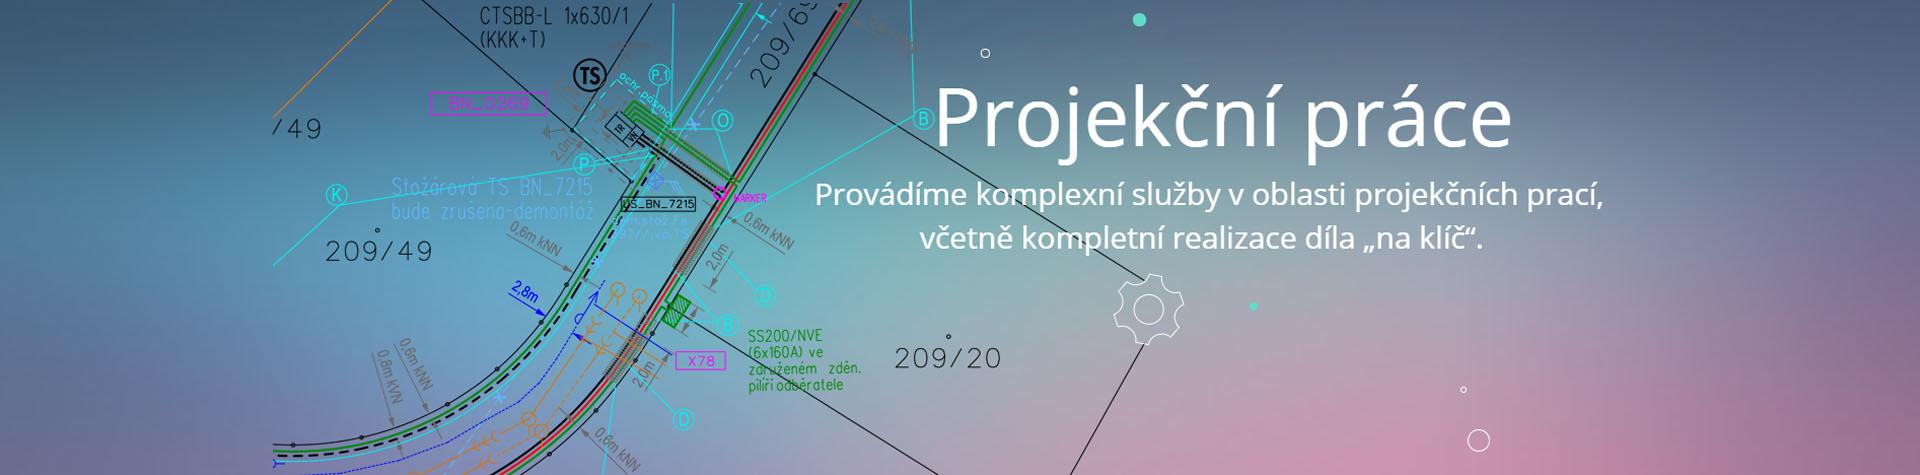 Header projekt